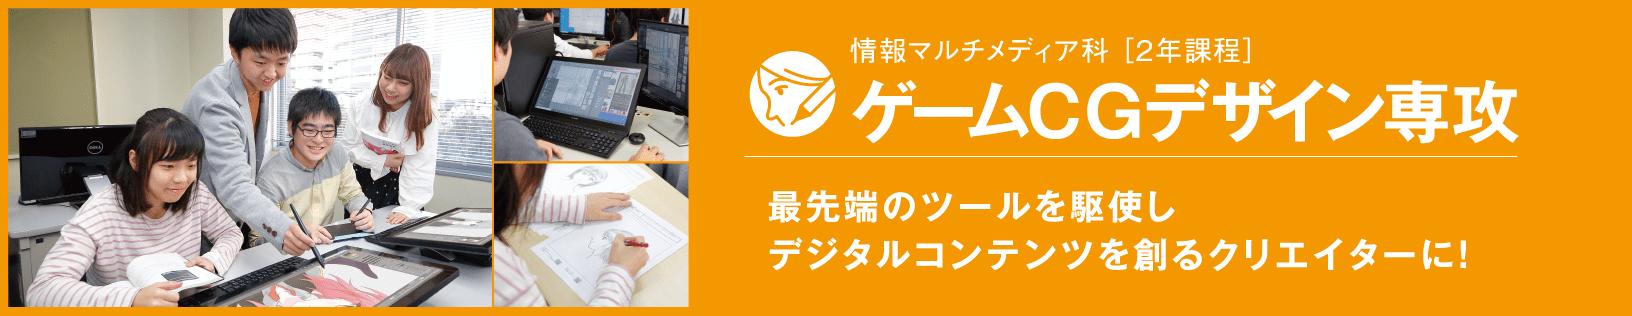 情報マルチメディア科【2年課程】 ゲームCGデザイン専攻